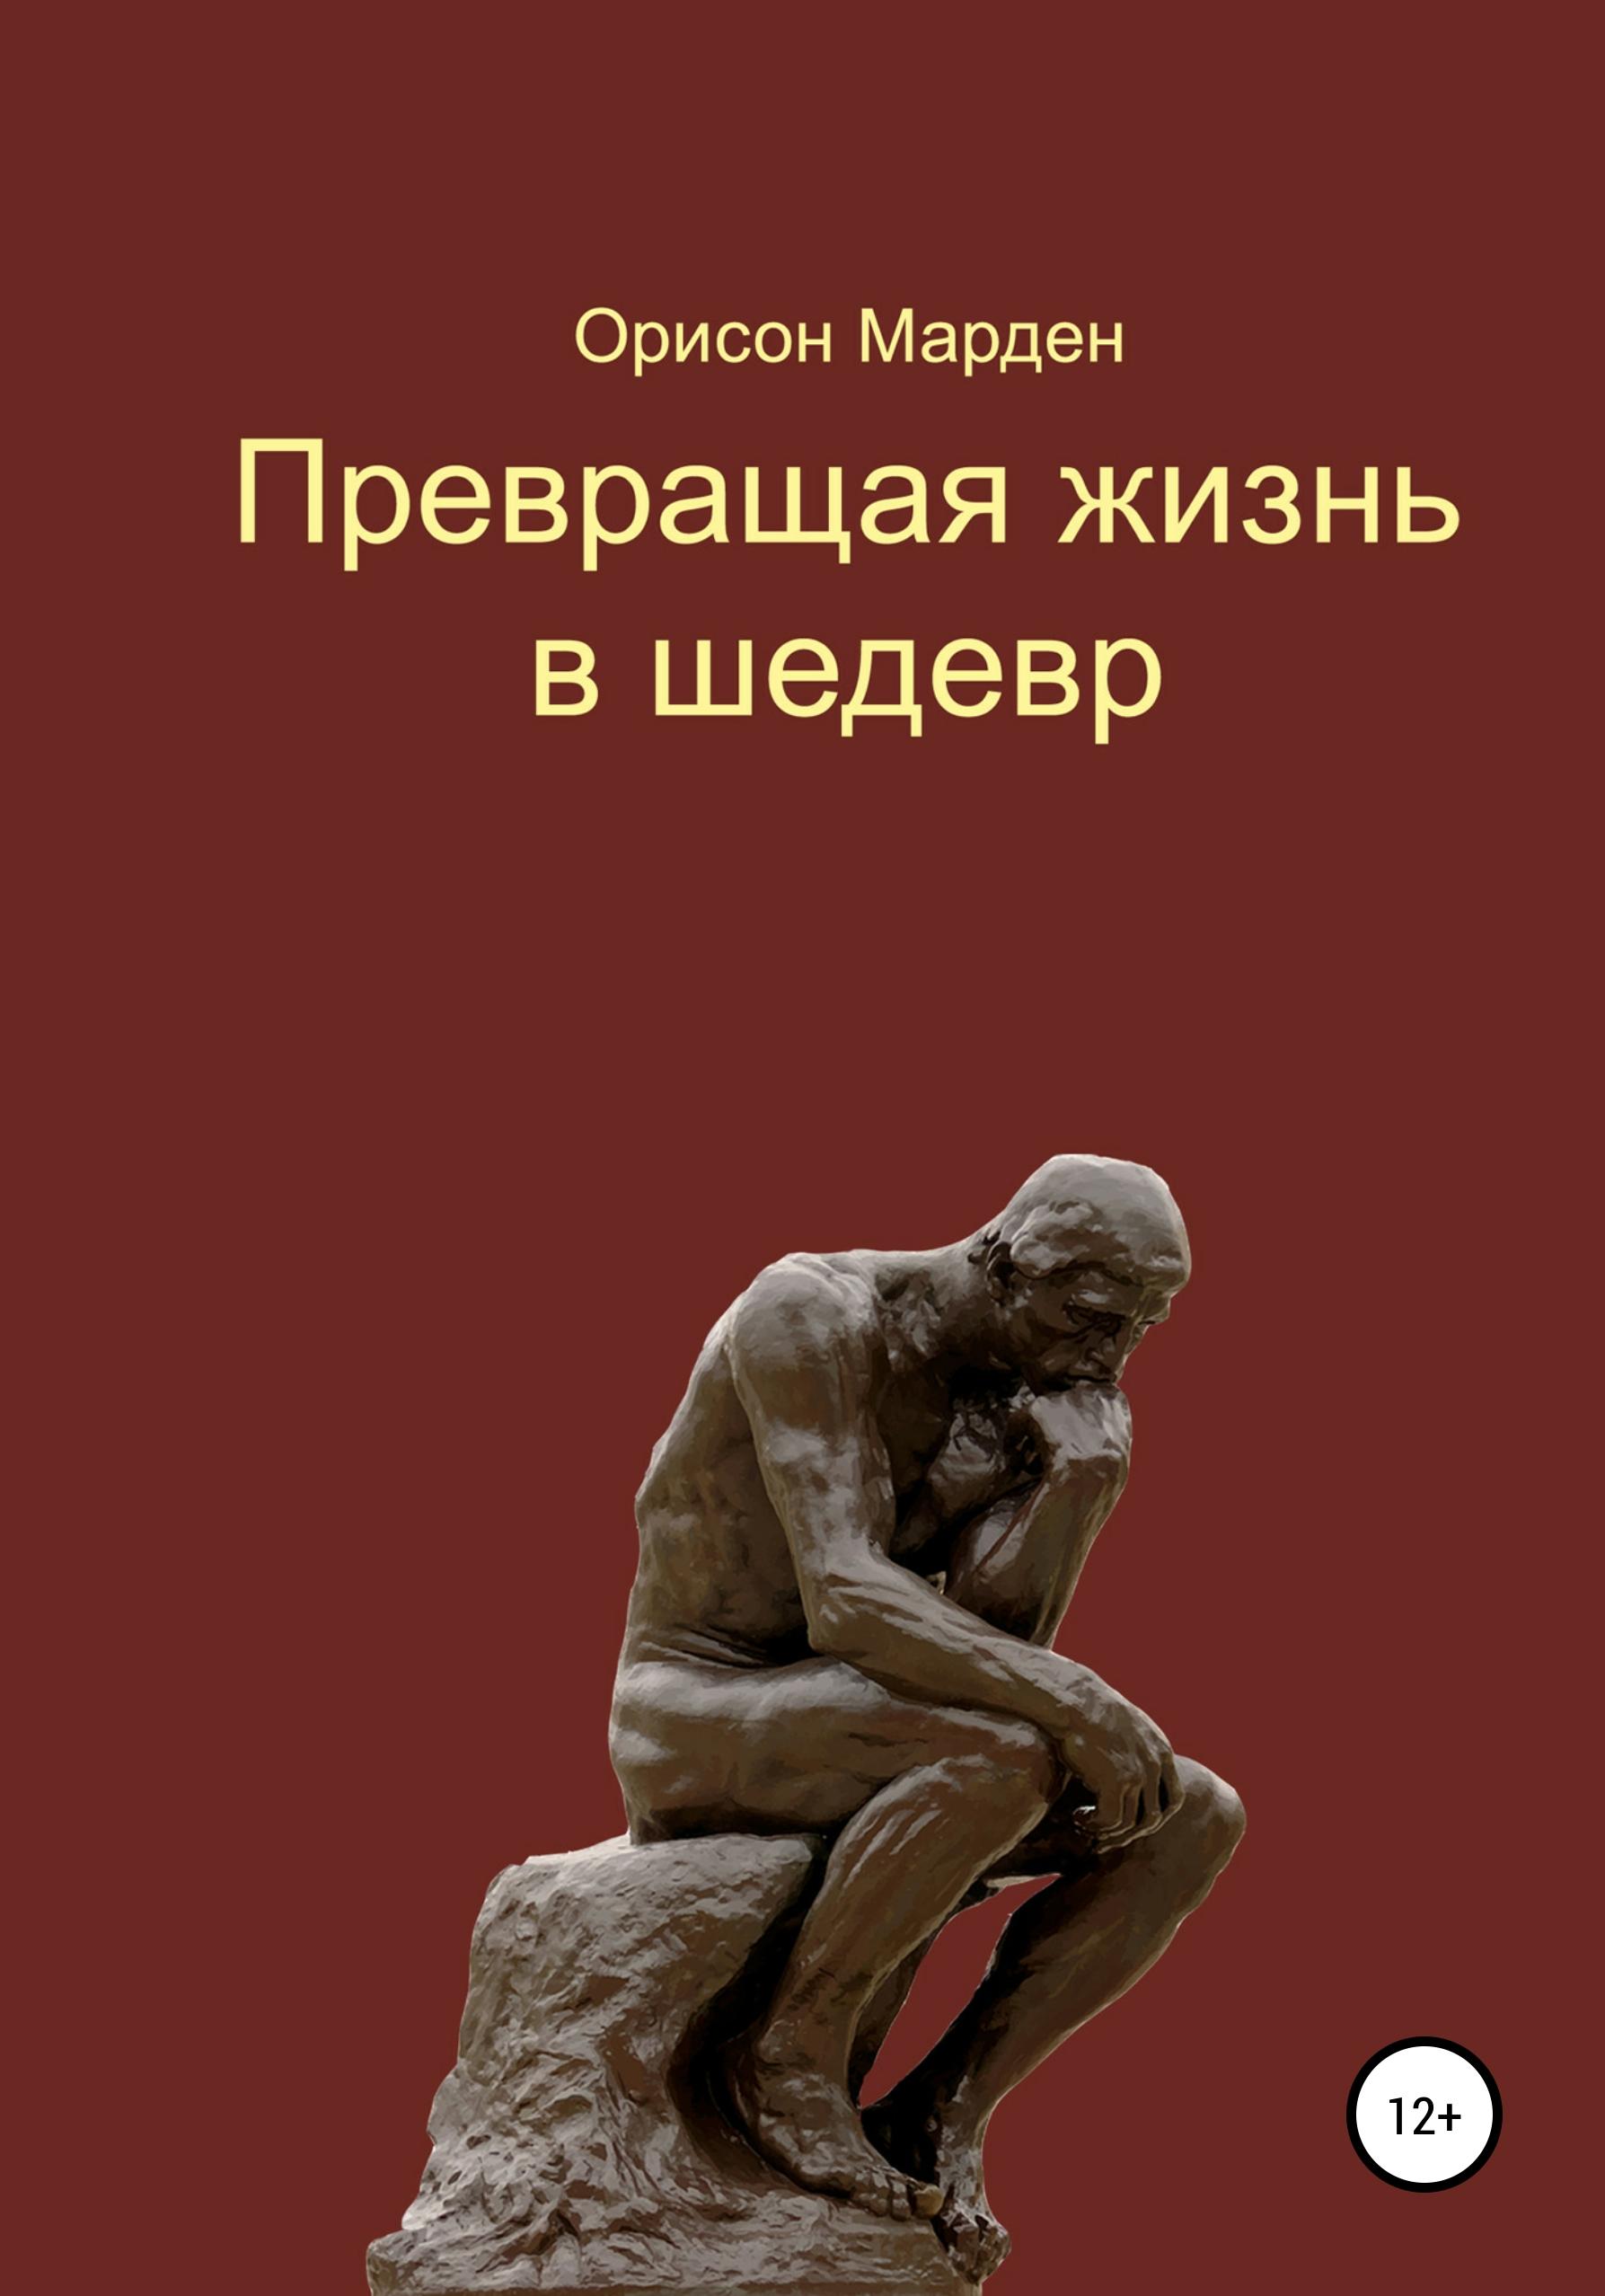 Обложка книги Превращая жизнь в шедевр